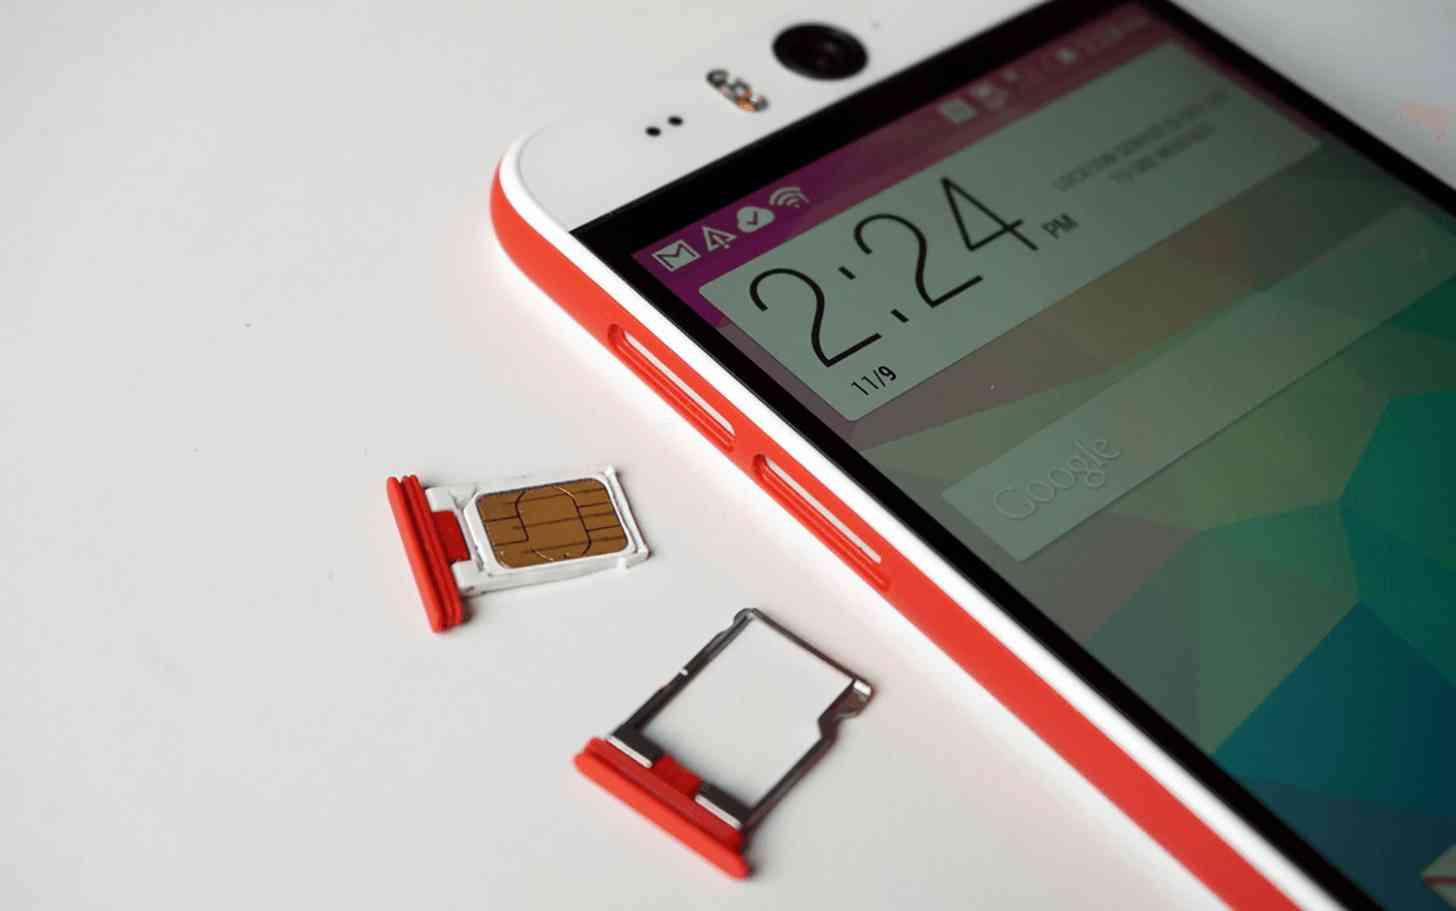 HTC Desire EYE SIM card